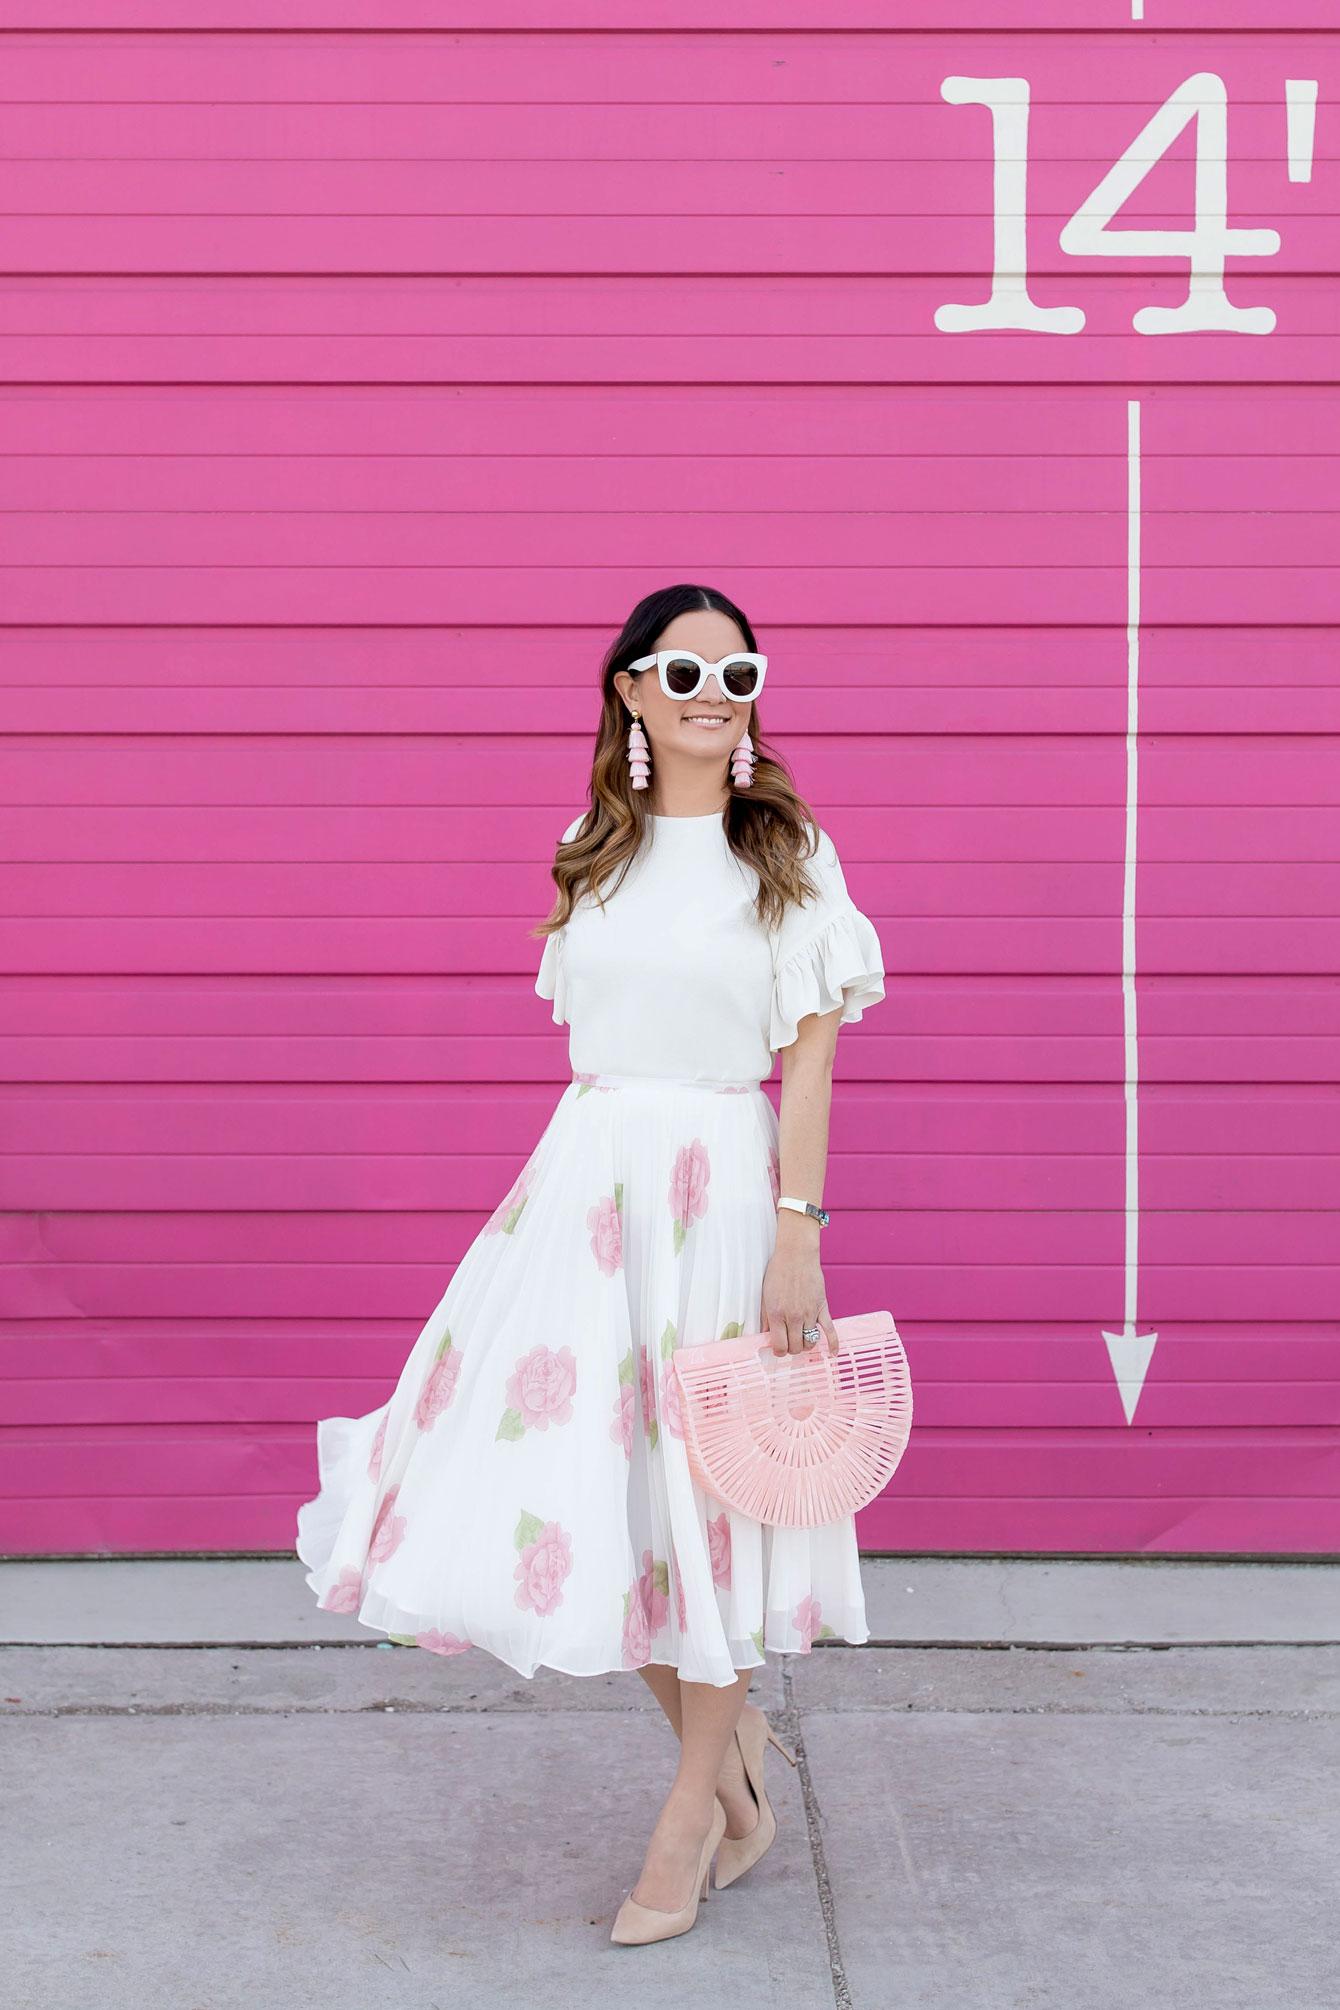 Jennifer Lake Chicago Pink Wall